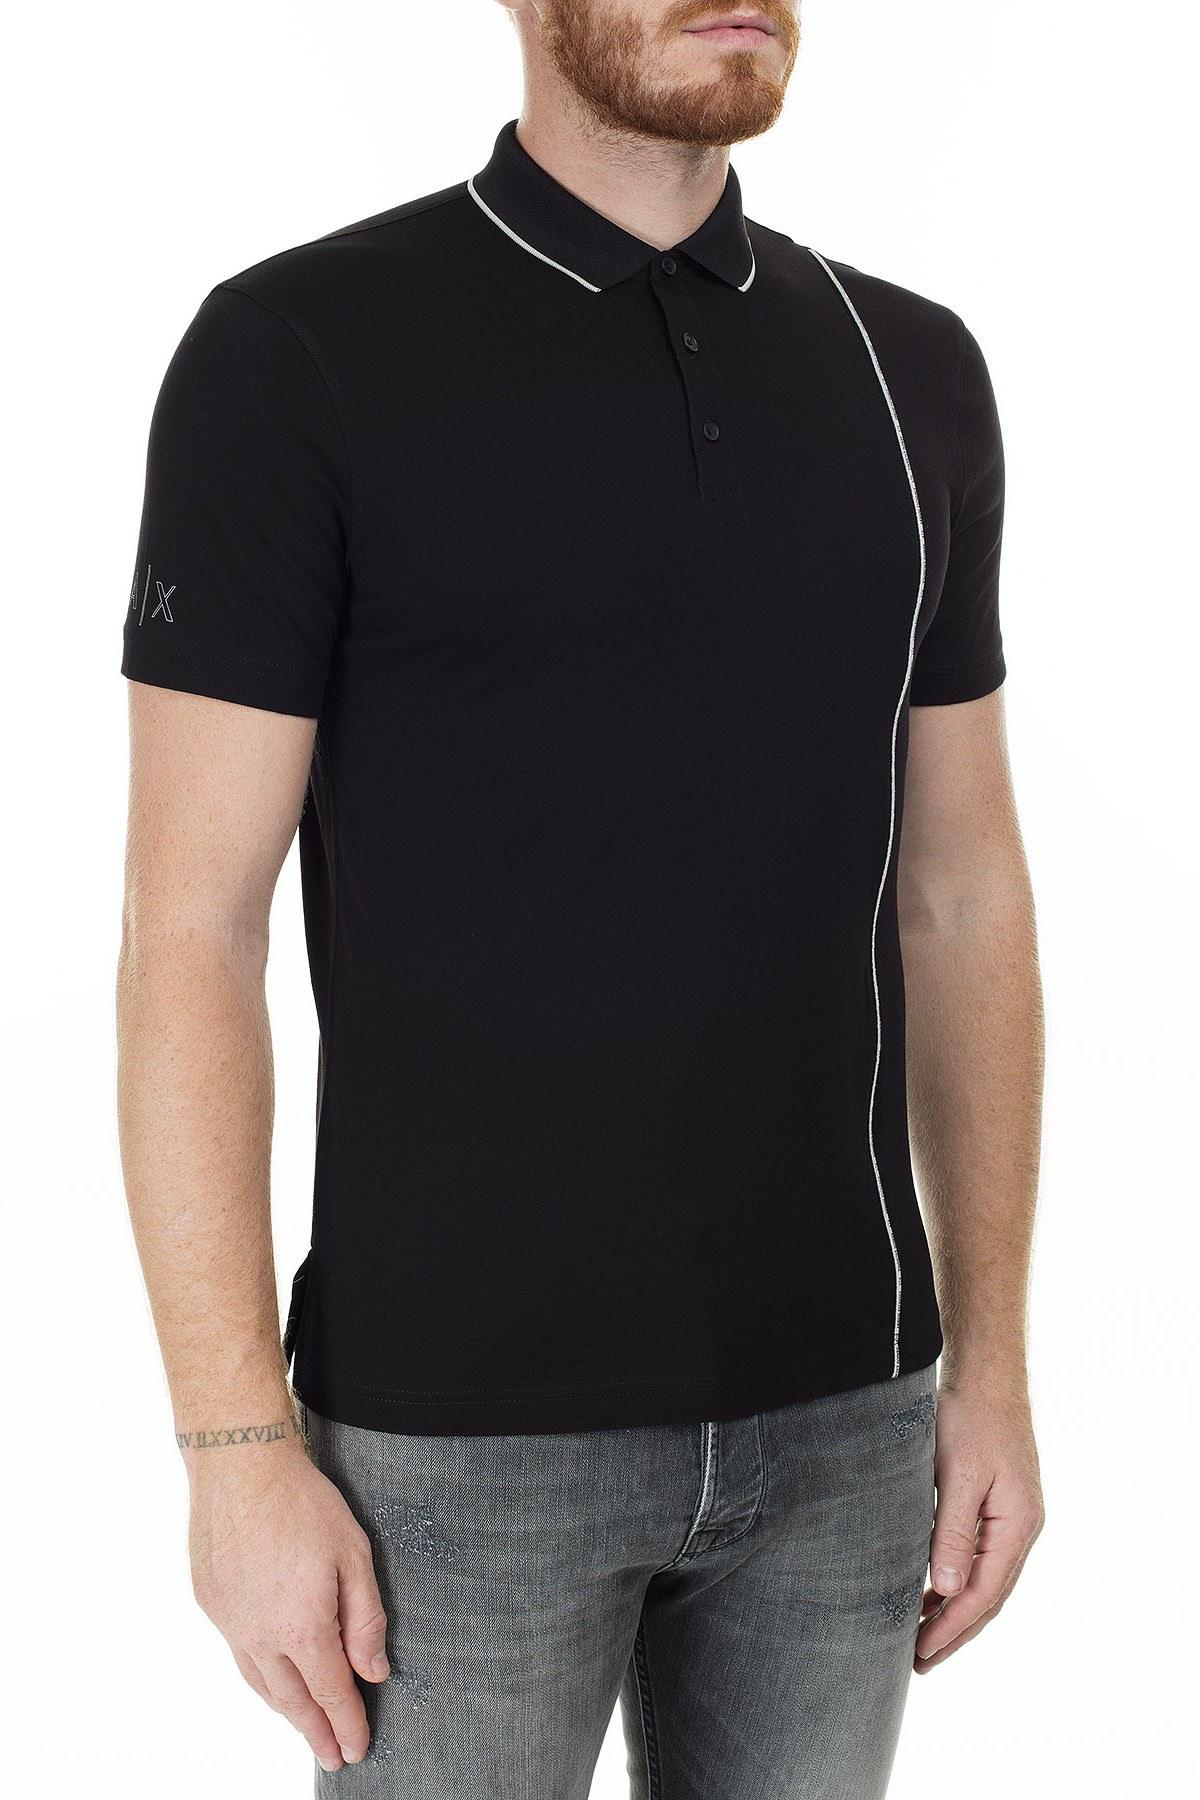 Armani Exchange Logo Baskılı Regular Fit Düğmeli T Shirt Erkek Polo 3HZFGA ZJH4Z 1200 SİYAH